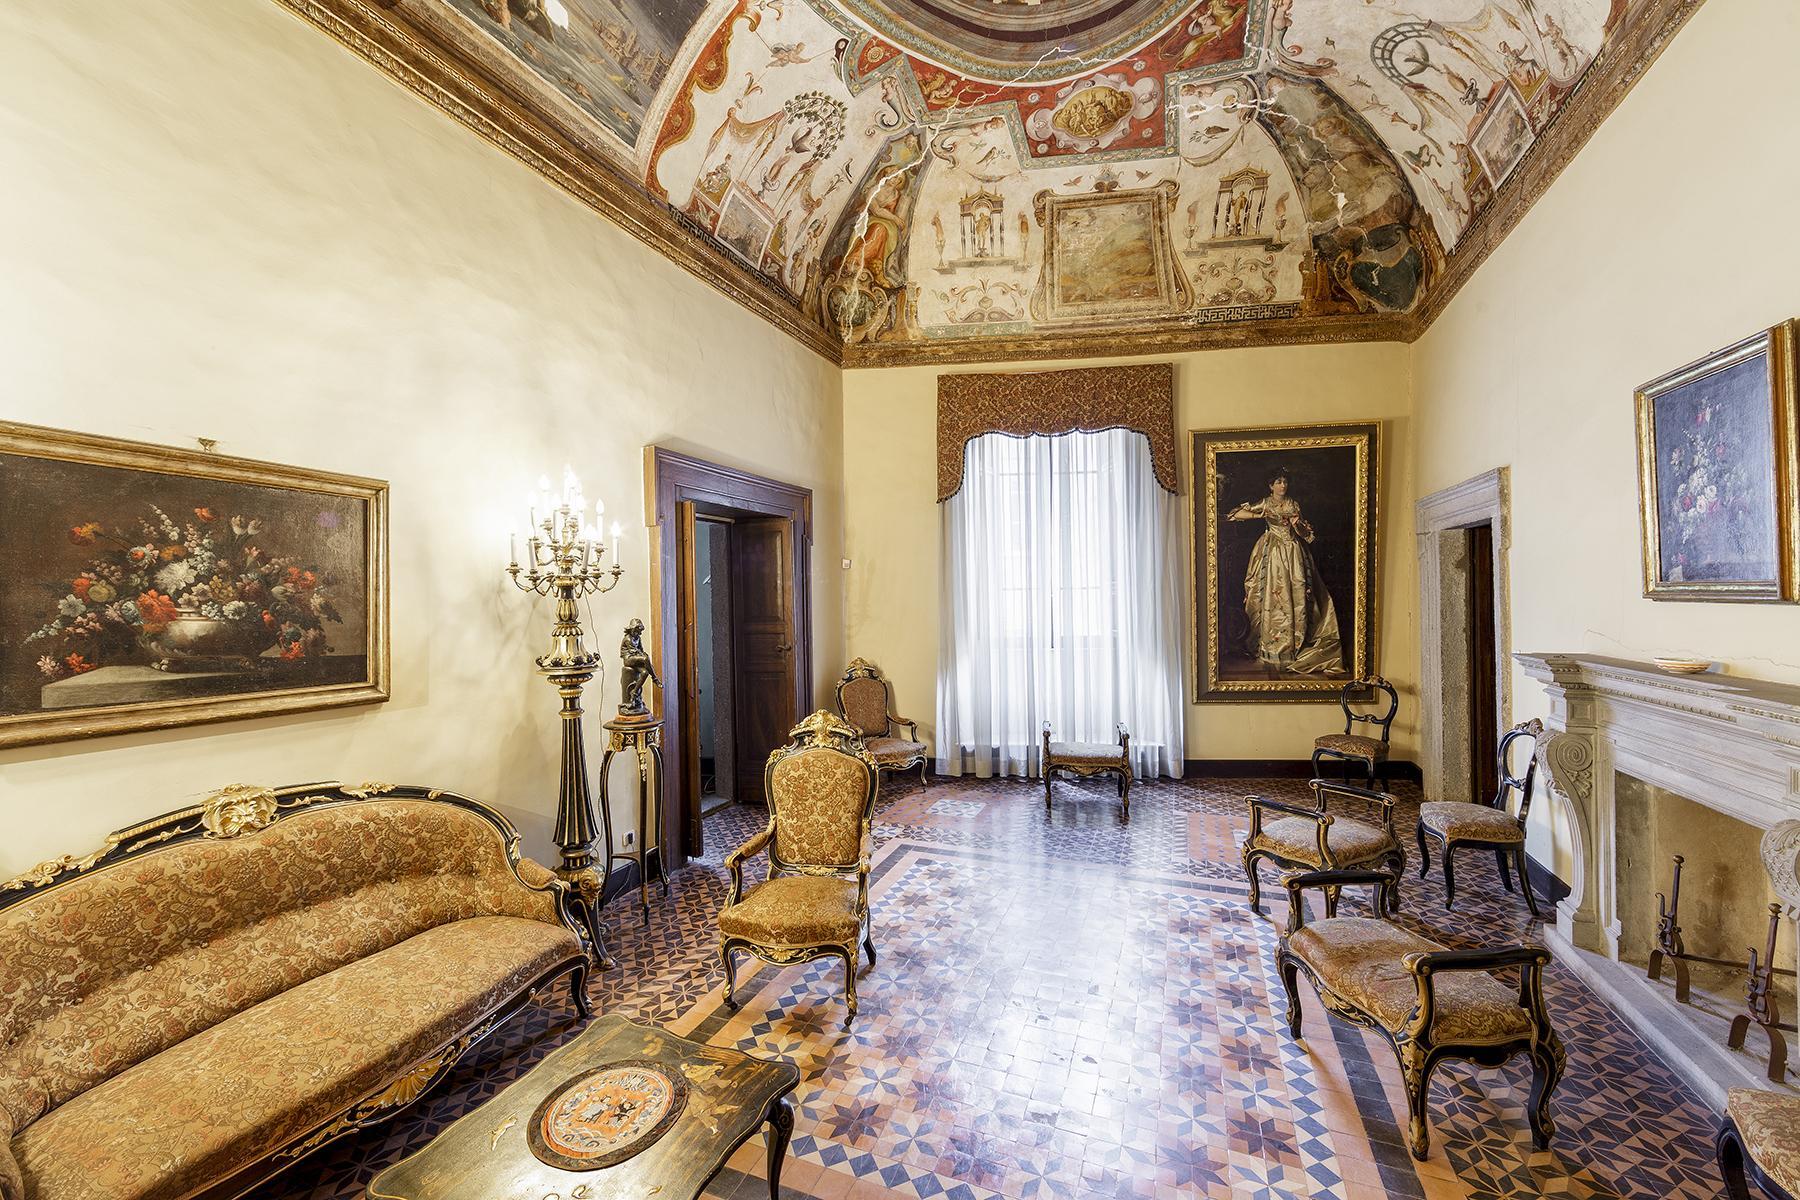 Прекрасный дворец в стиле Ренессанса - 6